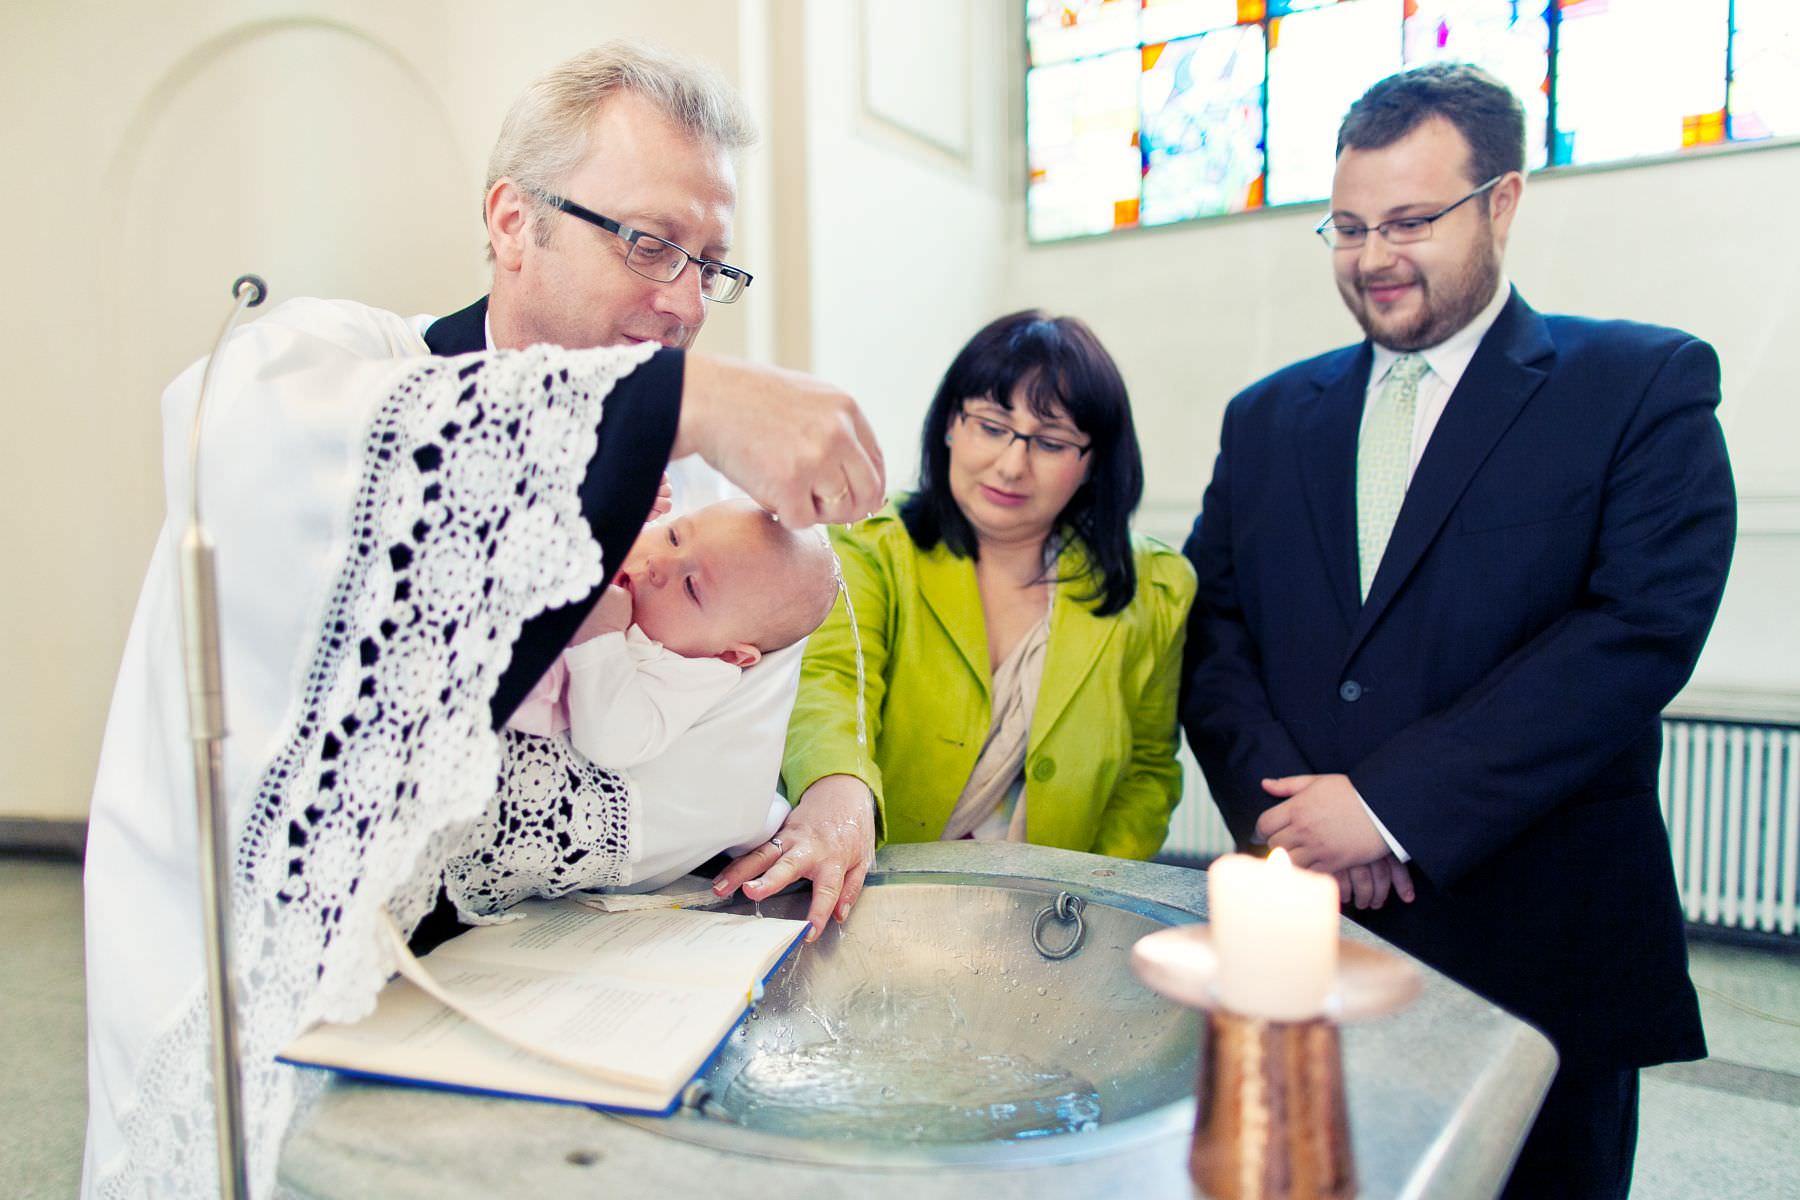 Chrzciny Warszawa. Reportaż z uroczystości chrztu Poli. Kościół Świętej Trójcy.